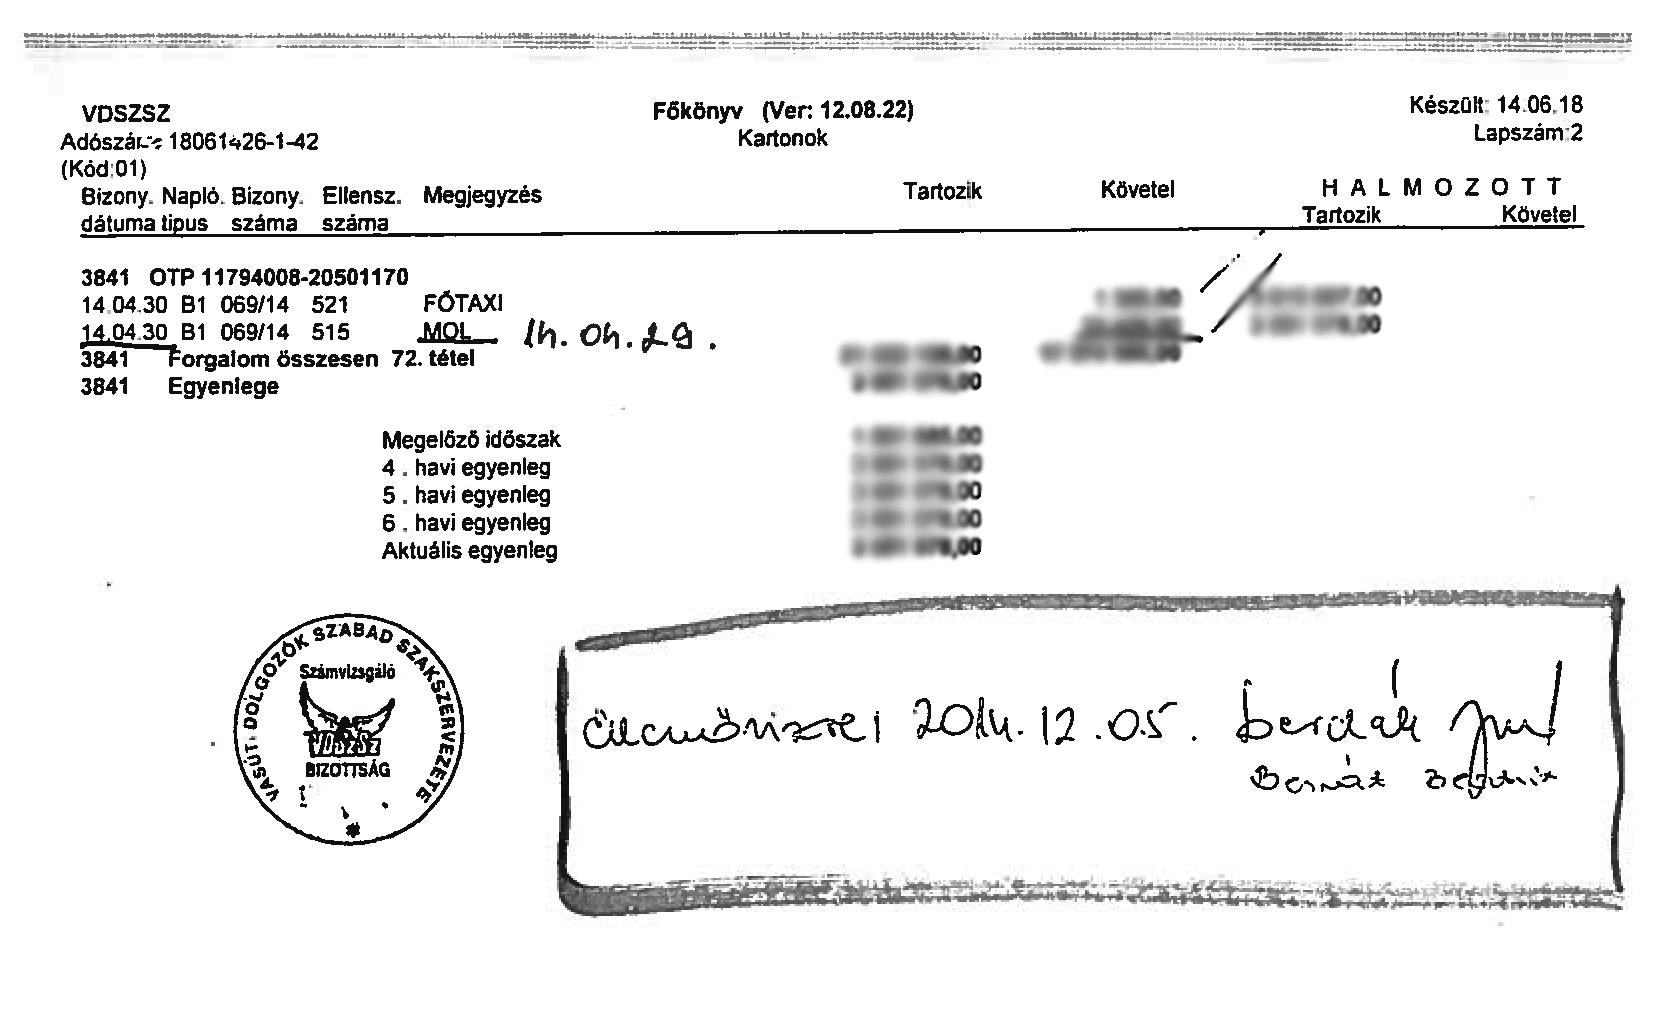 Fény derült a 130.000.-es tankolás sötét titkára - Szándékosan téveszti meg a sajtót a VDSzSz Szolidaritás vezetése